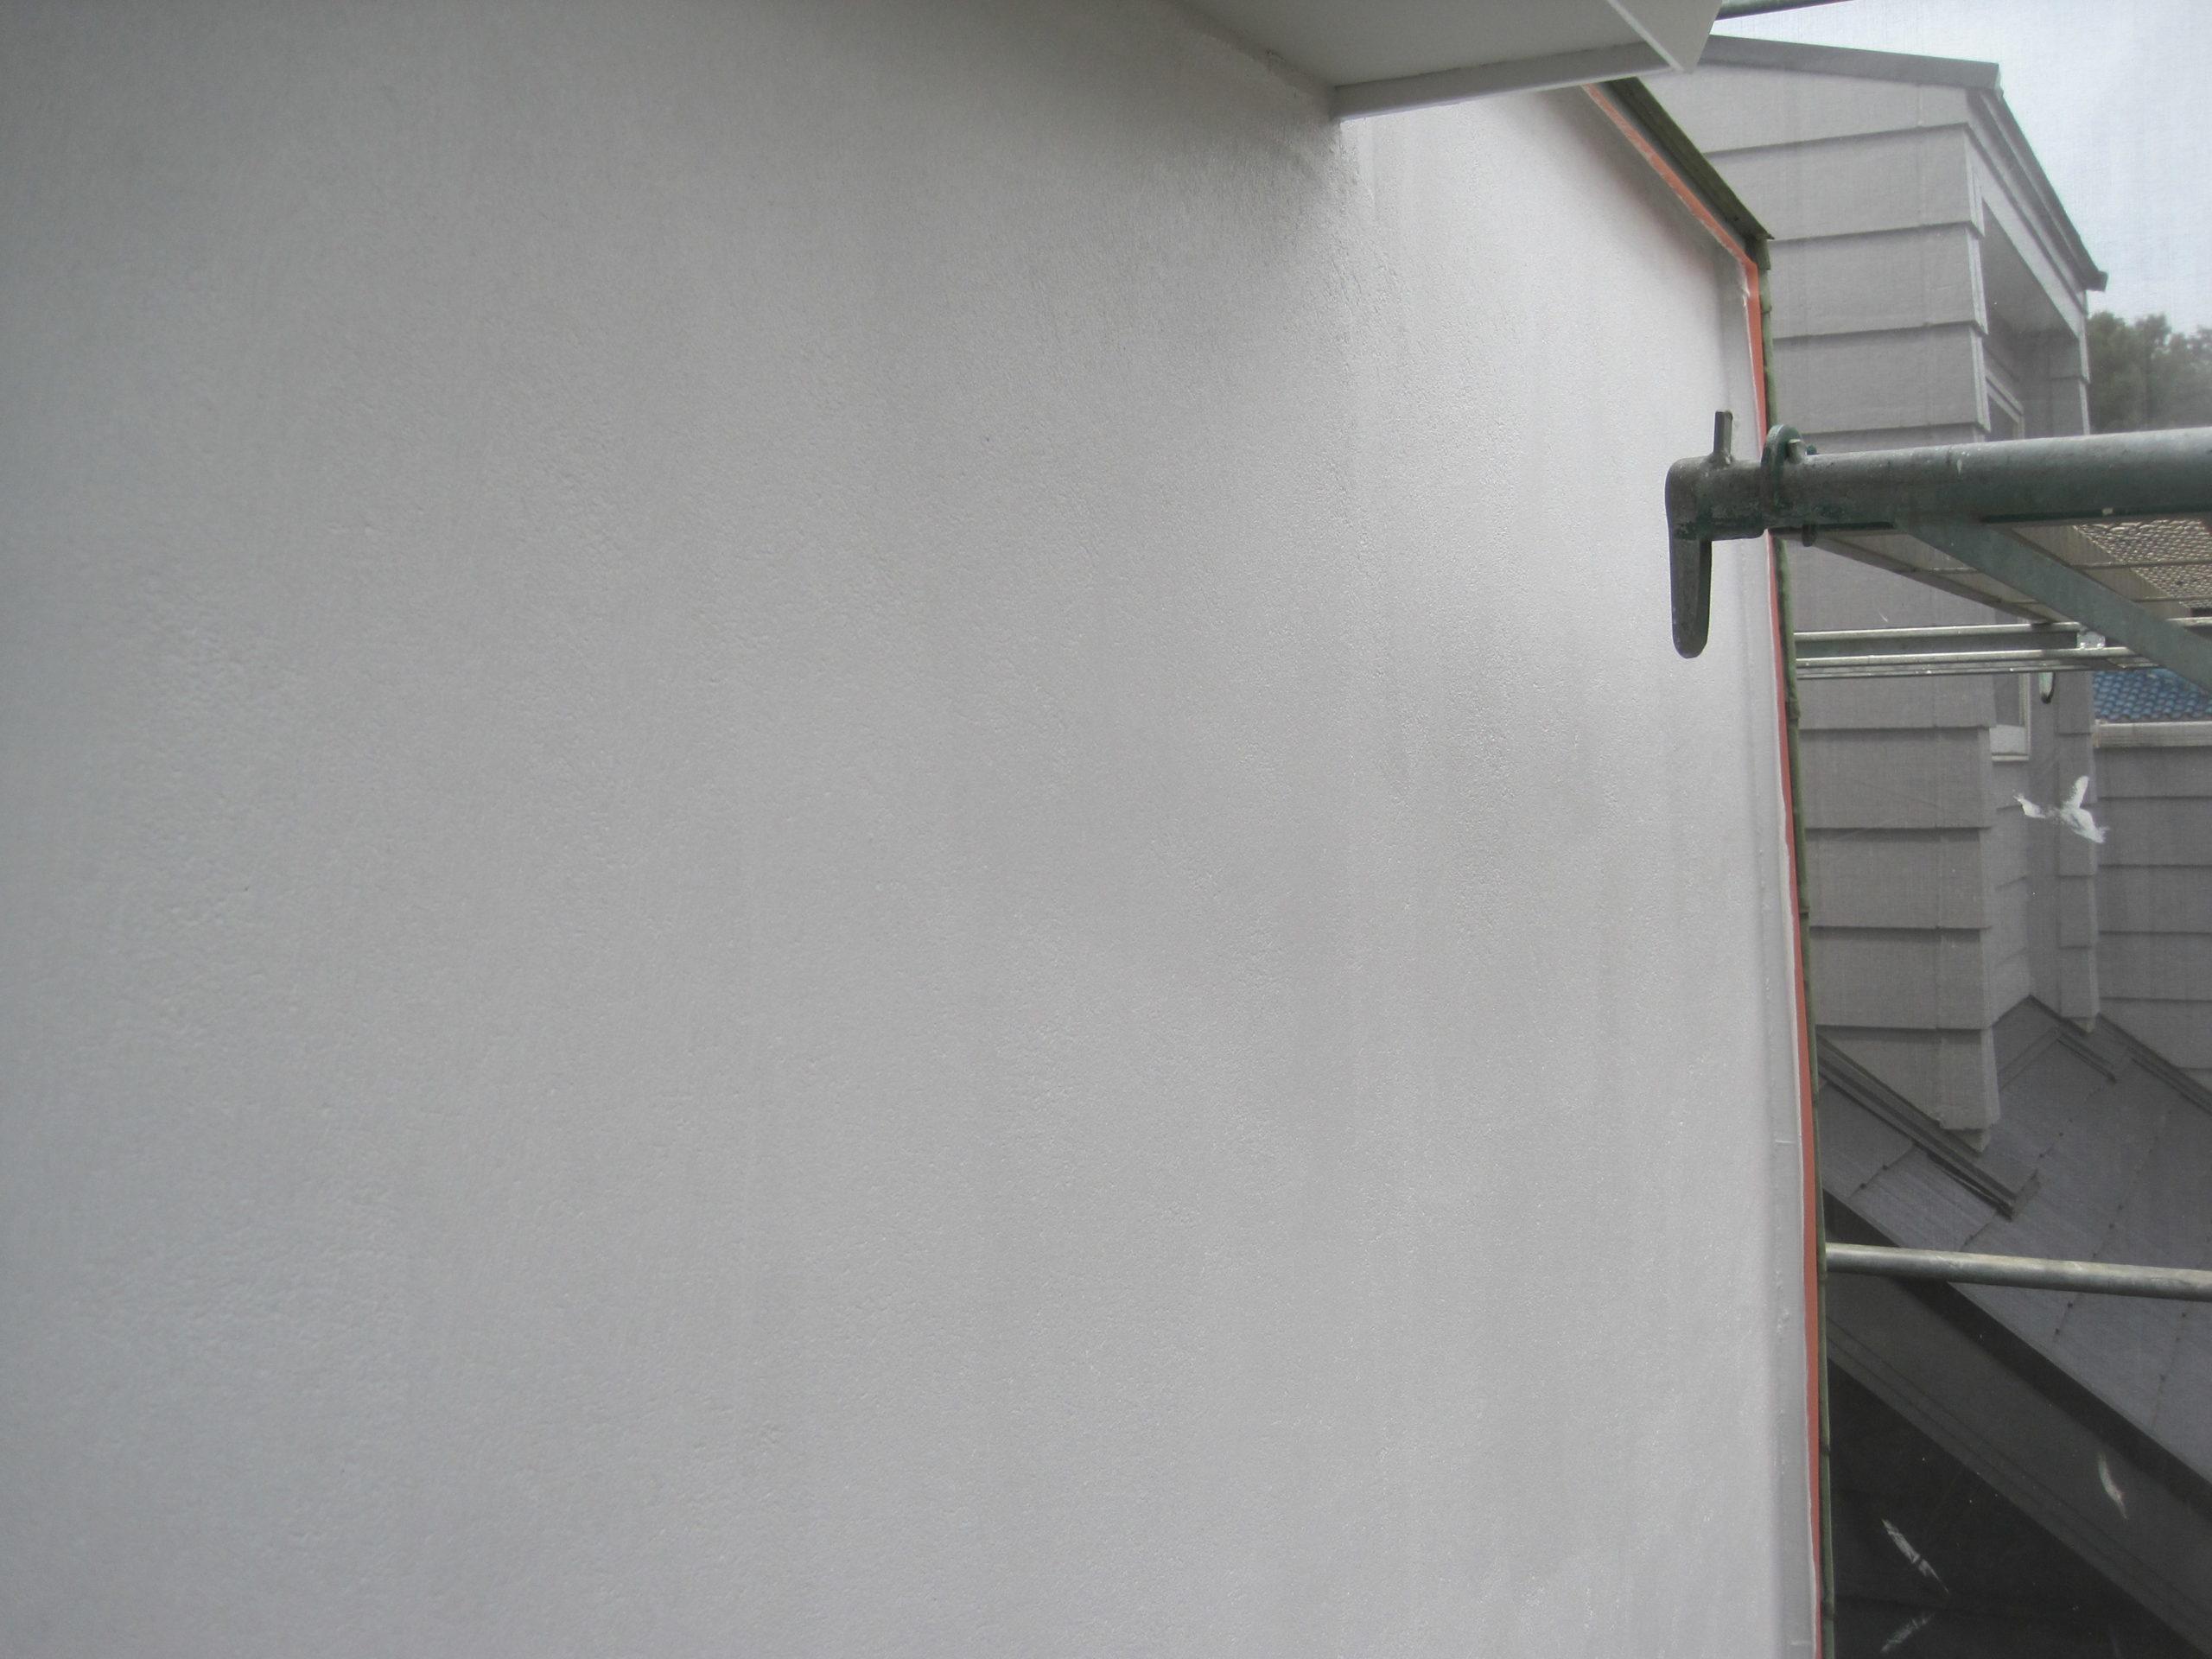 千葉県君津市 外壁塗装 付帯部塗装 高圧洗浄の重要性 外壁塗装の目的